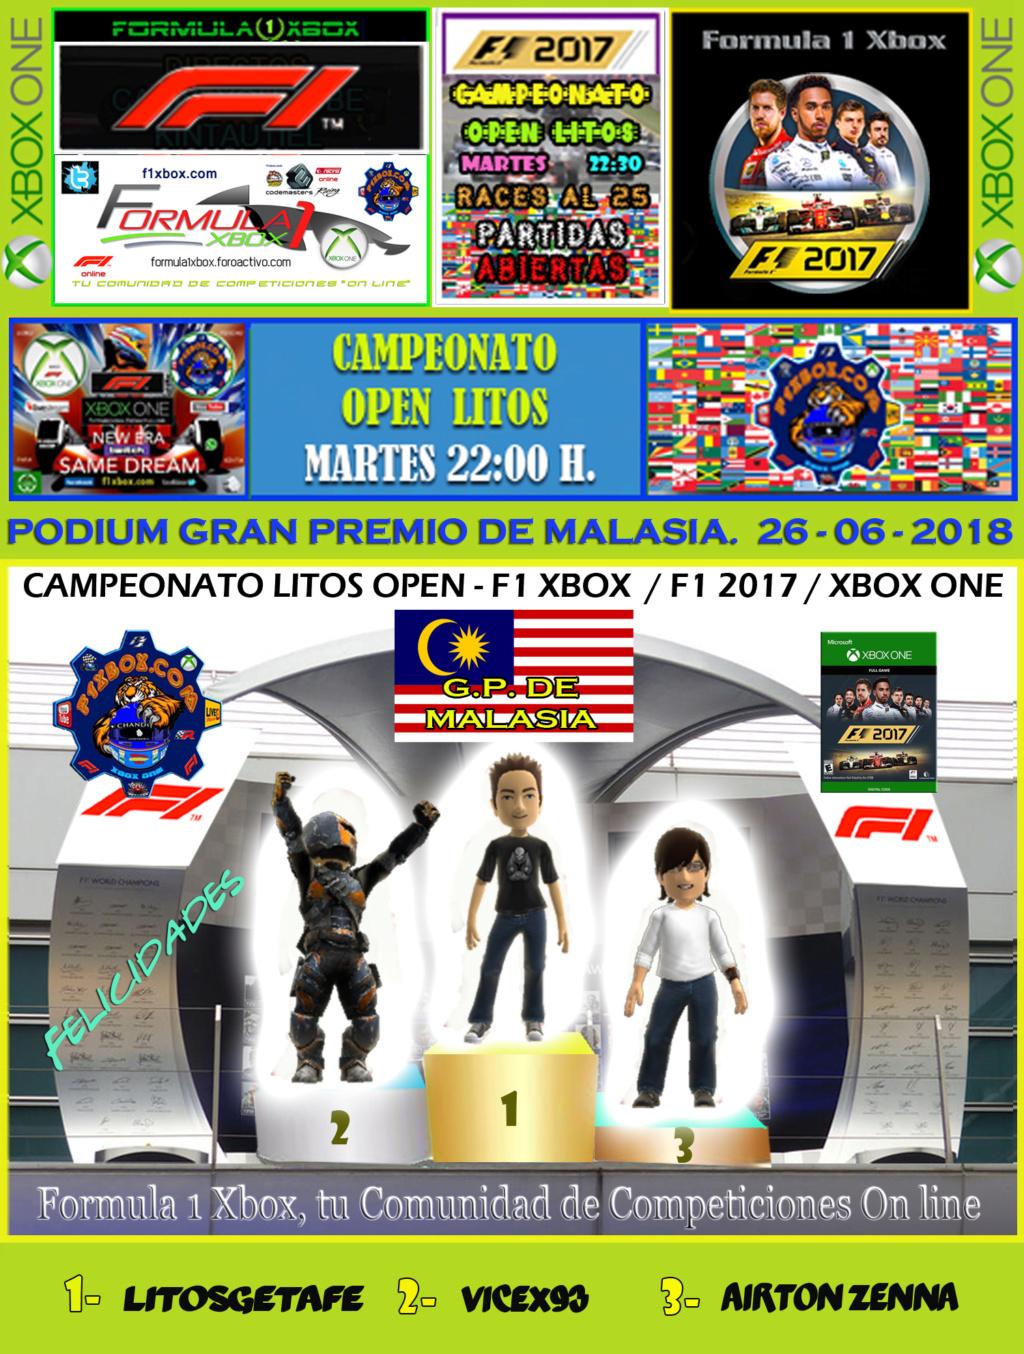 F1 2017 - XBOX ONE / CAMPEONATO OPEN LITOS - F1 XBOX / RESULTADOS Y PODIUM / G.P. DE MÓNACO + GP DE MALASIA / MARTES 26 - 06 - 2018. Podium18